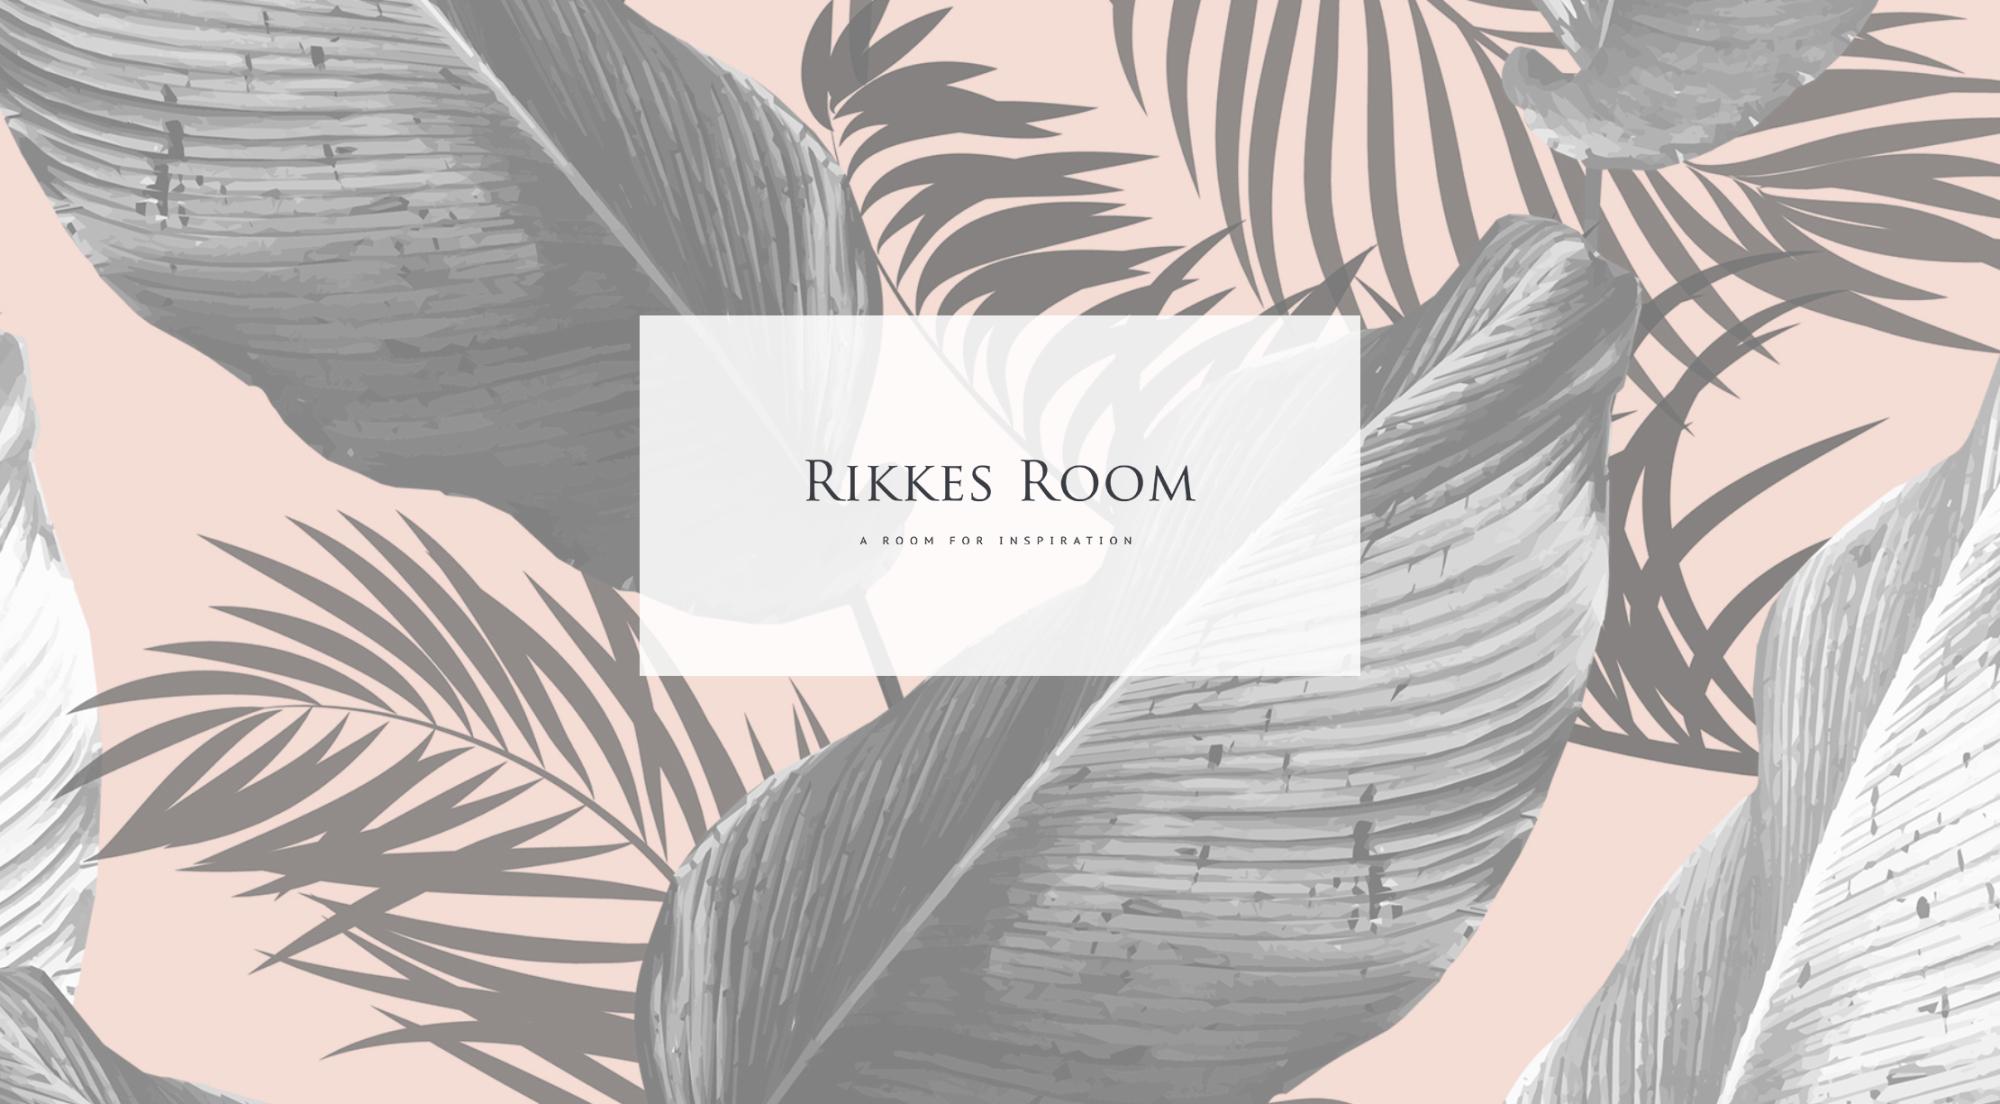 Rikkesroom